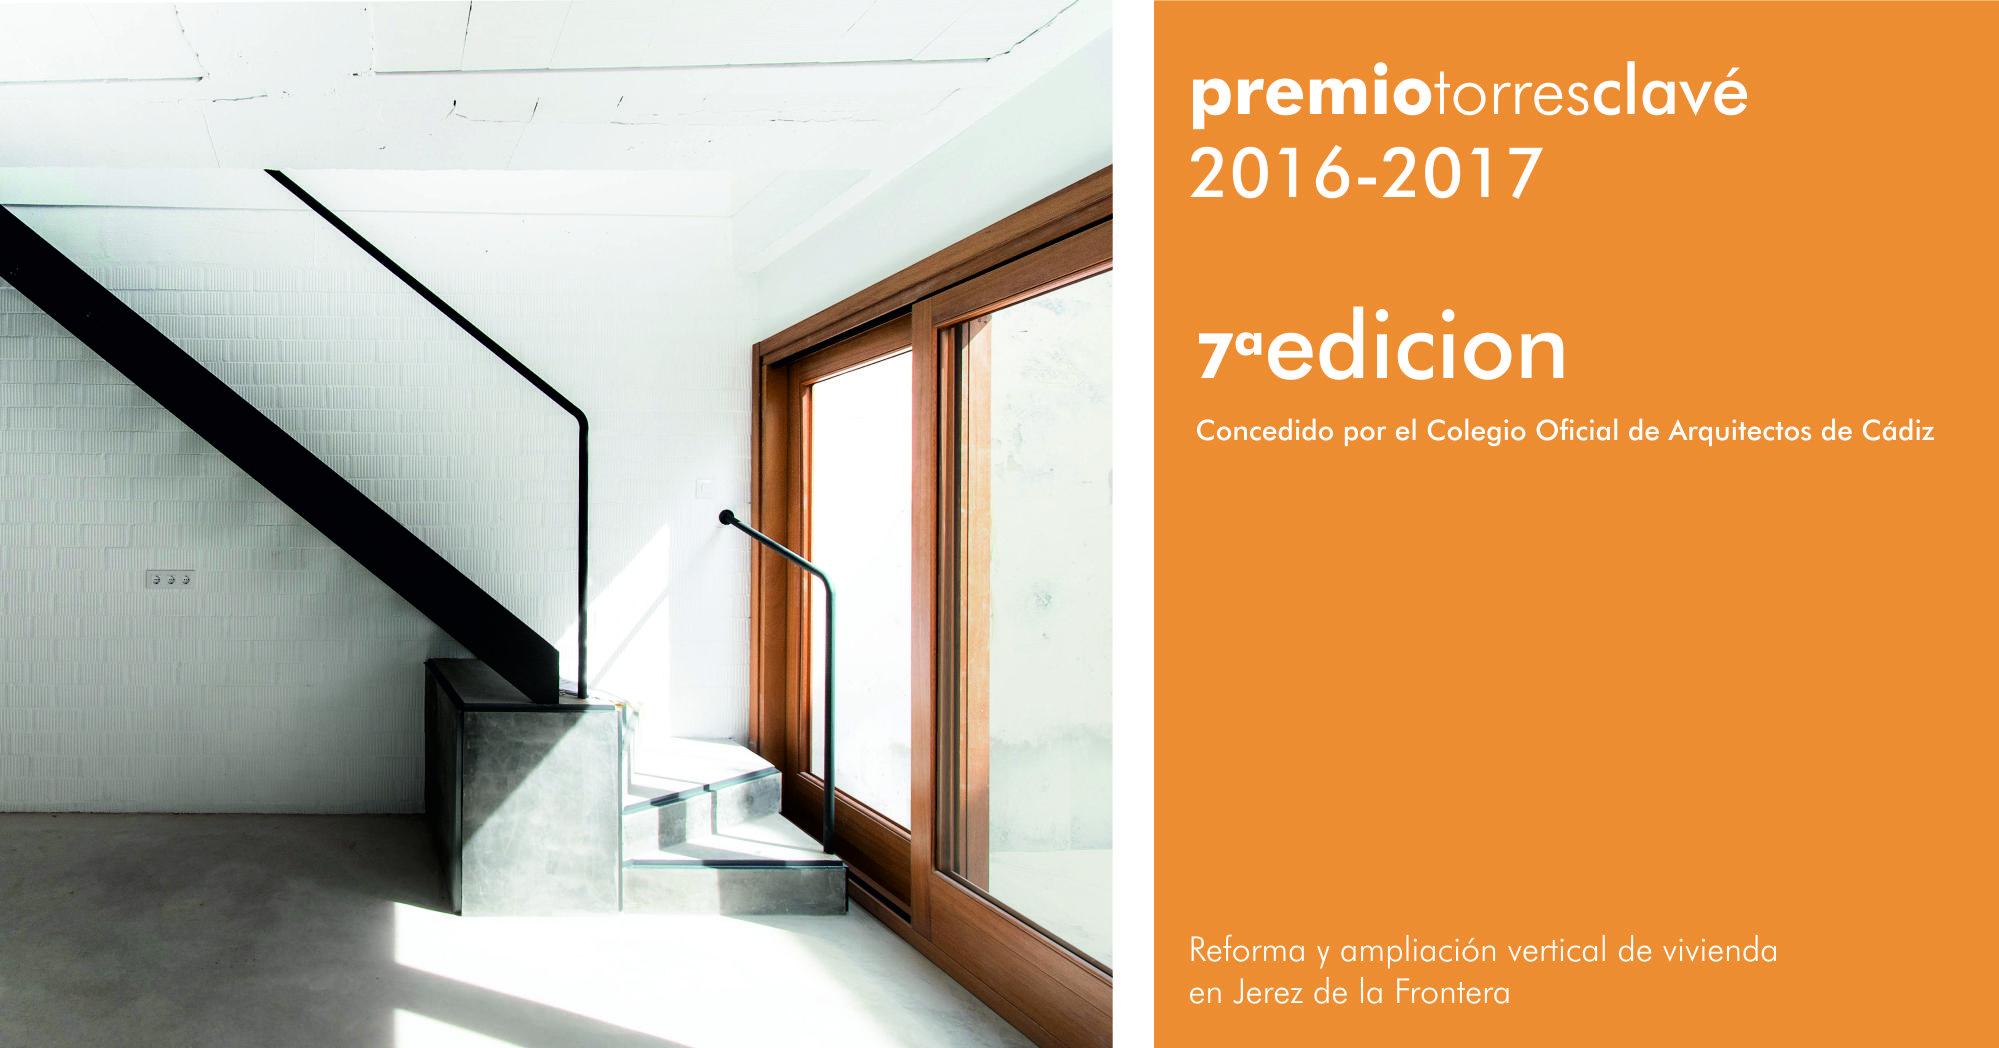 Premio Torres Clavé 7ª edición